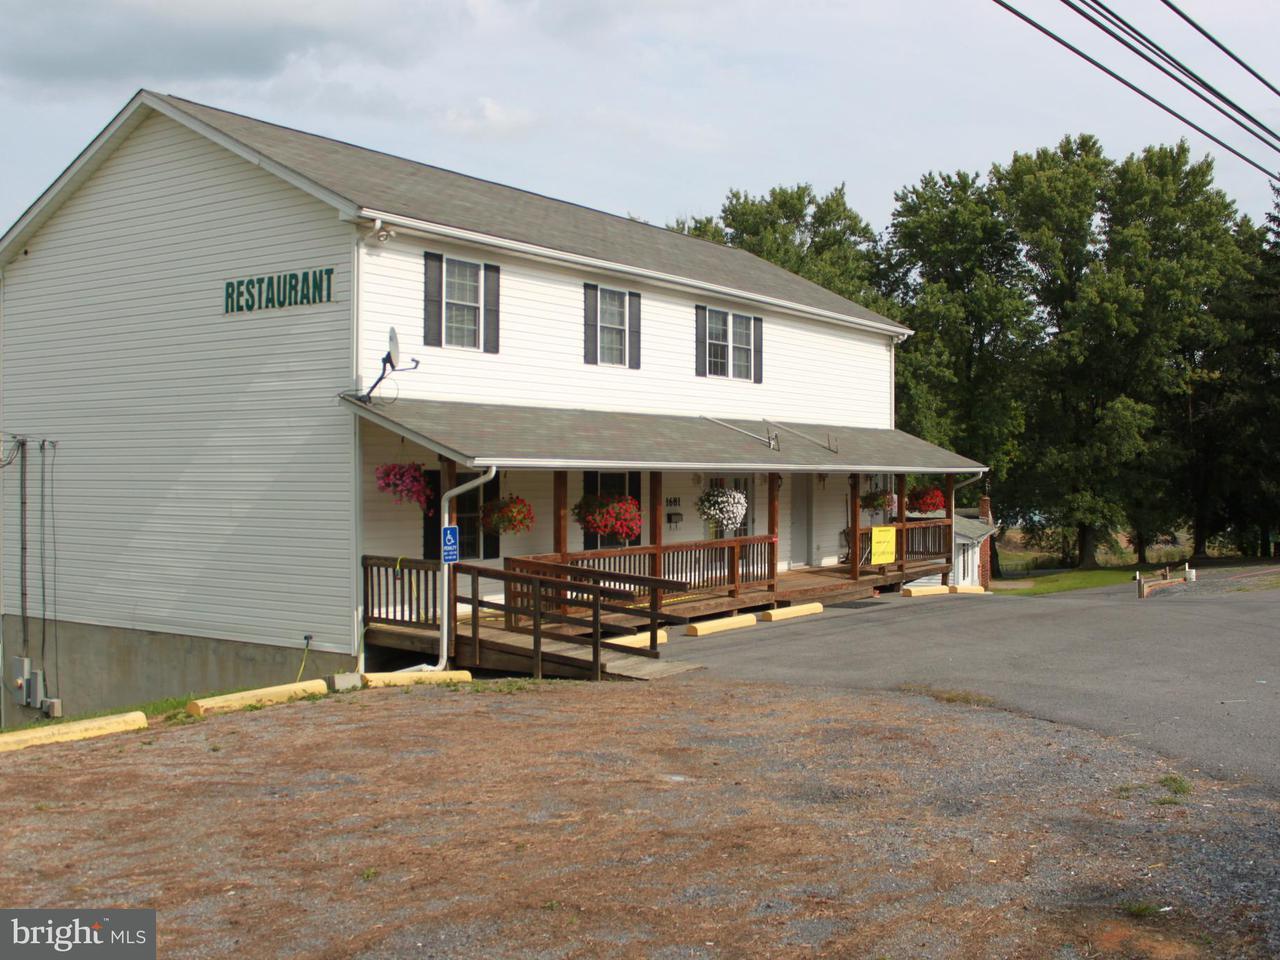 一戸建て のために 売買 アット 1681 Middleway Pike 1681 Middleway Pike Bunker Hill, ウェストバージニア 25413 アメリカ合衆国